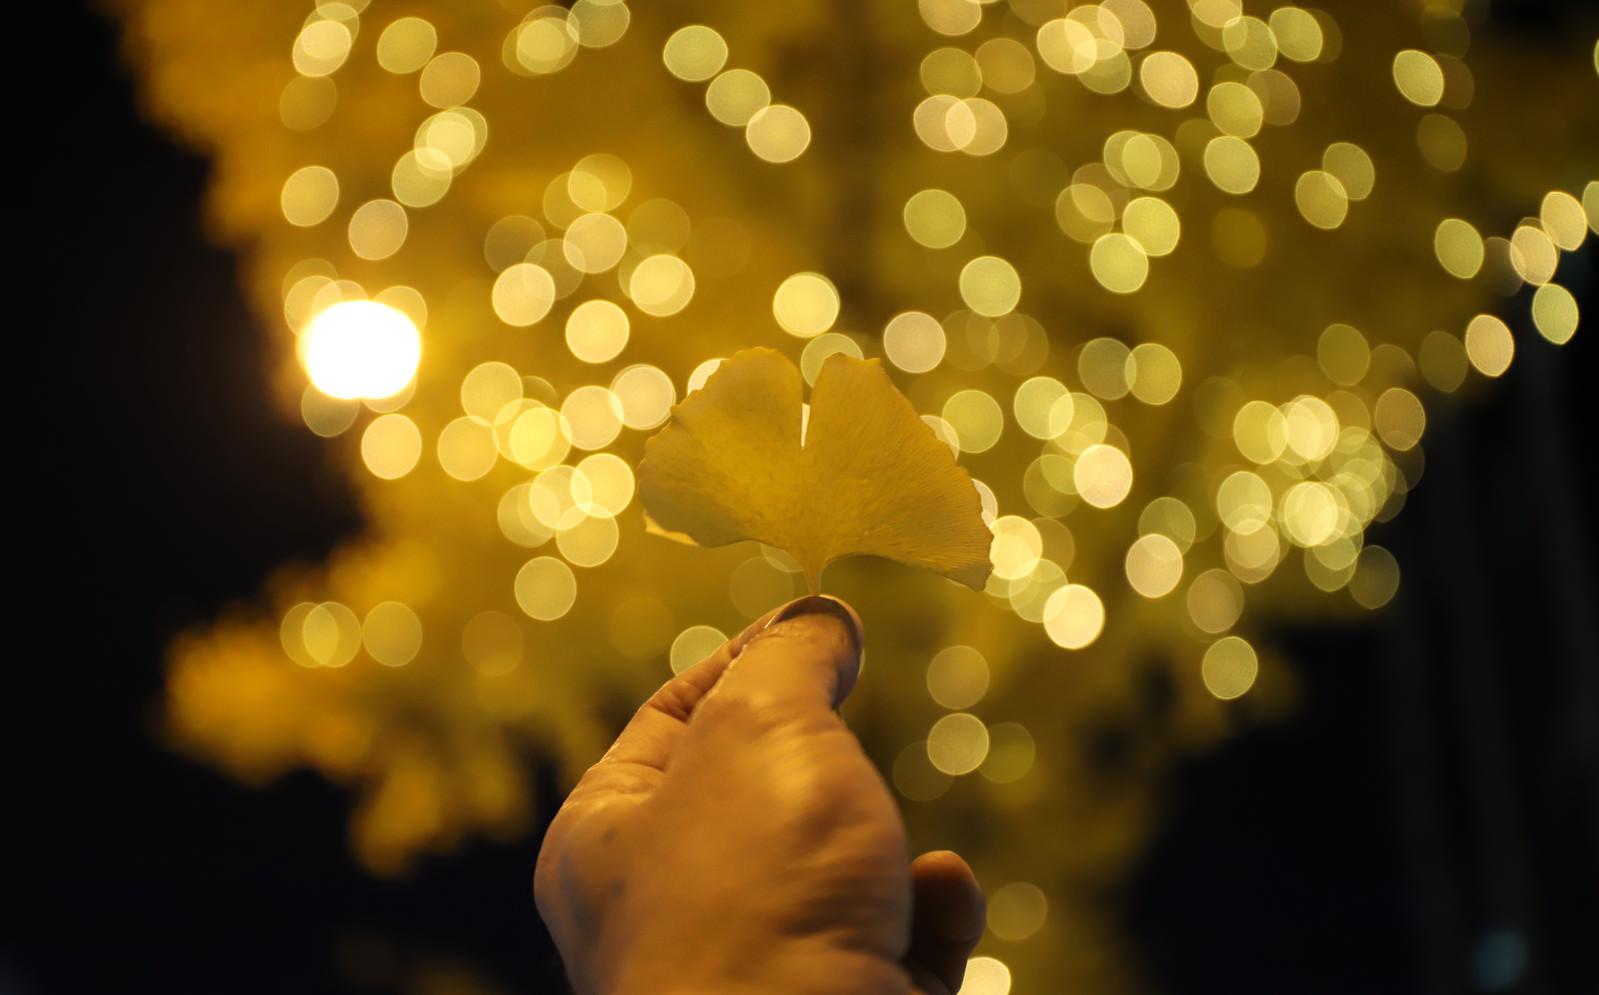 「握りしめたイチョウの葉とイルミネーション」の写真